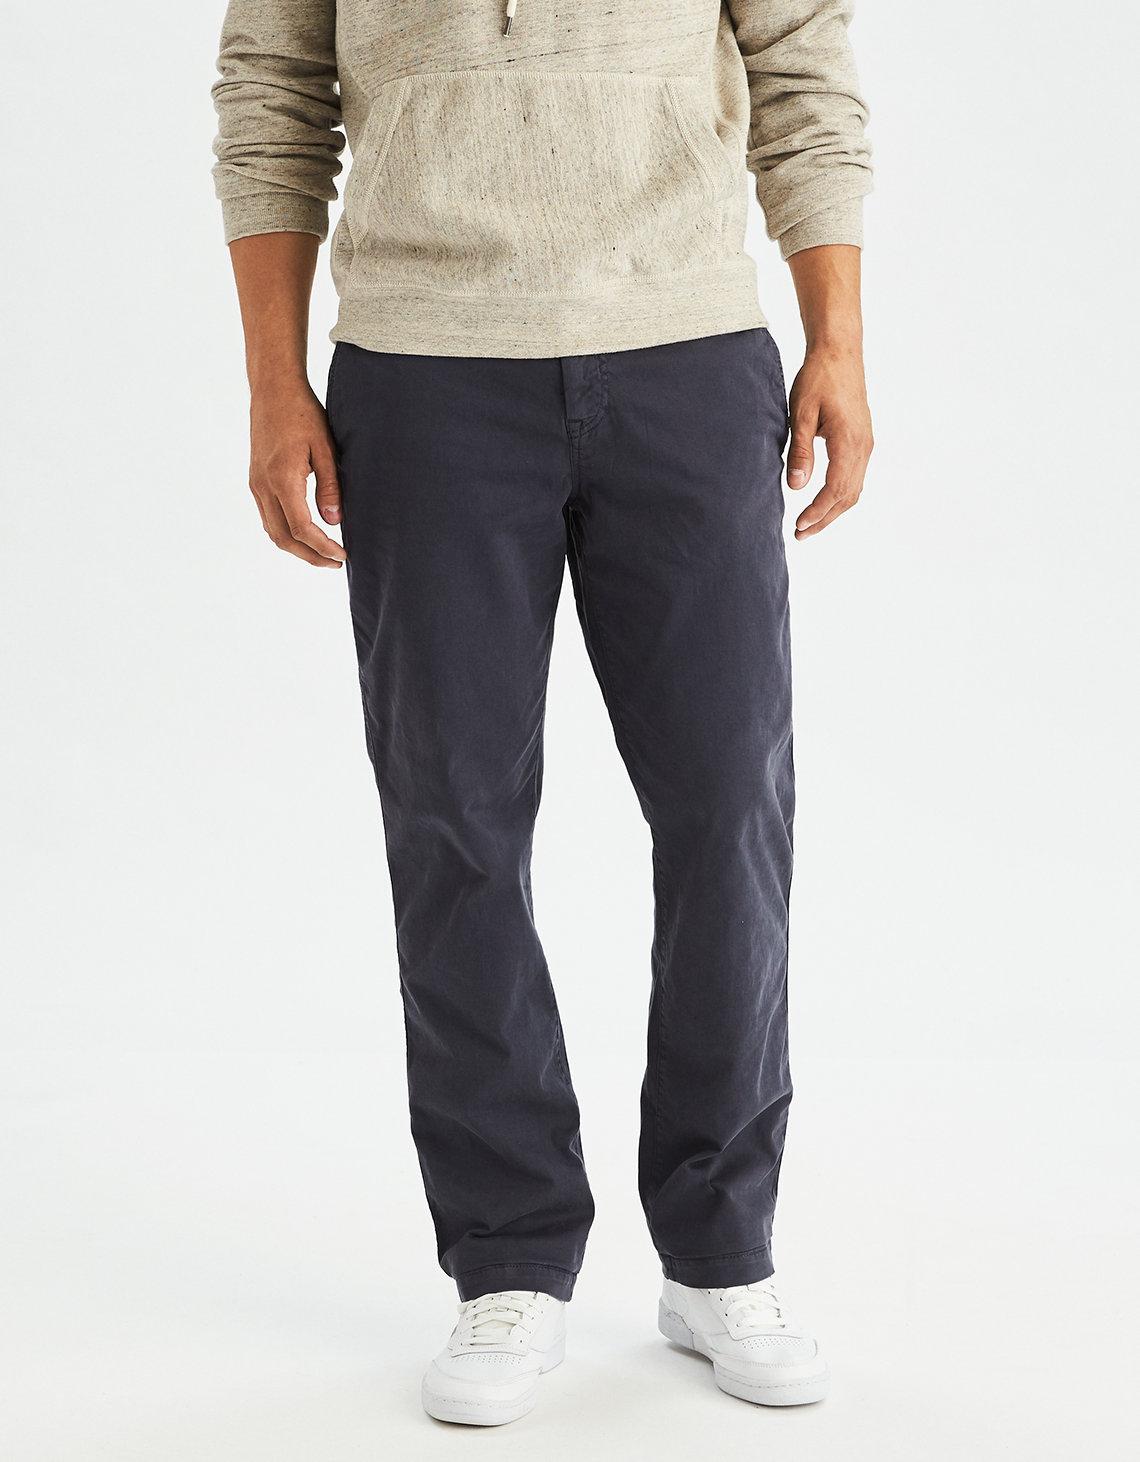 AE Extreme Flex Original Straight Khaki Pant. Placeholder image. Product  Image